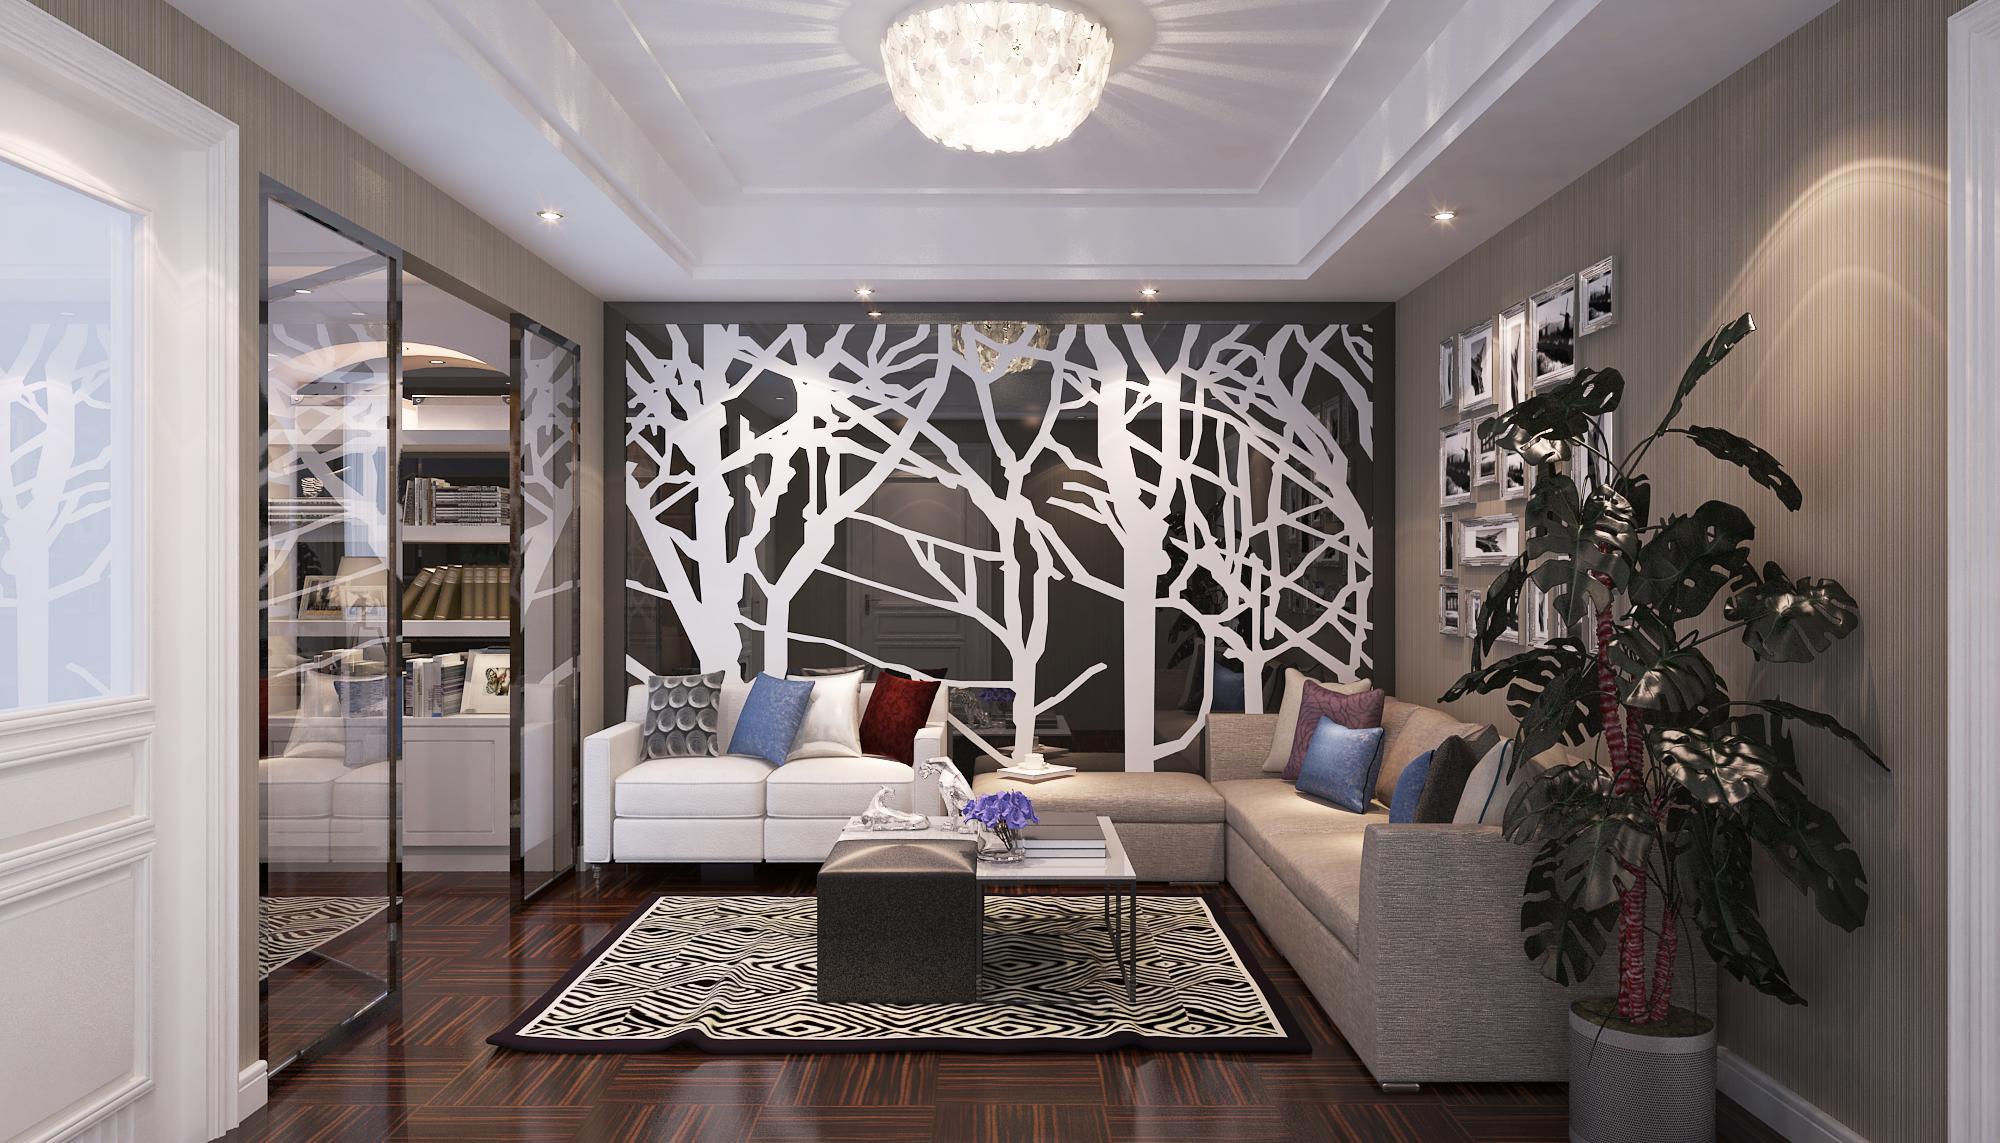 欧式 混搭 客厅图片来自Rebecca852在现代与欧式混搭-滨海琴墅的分享